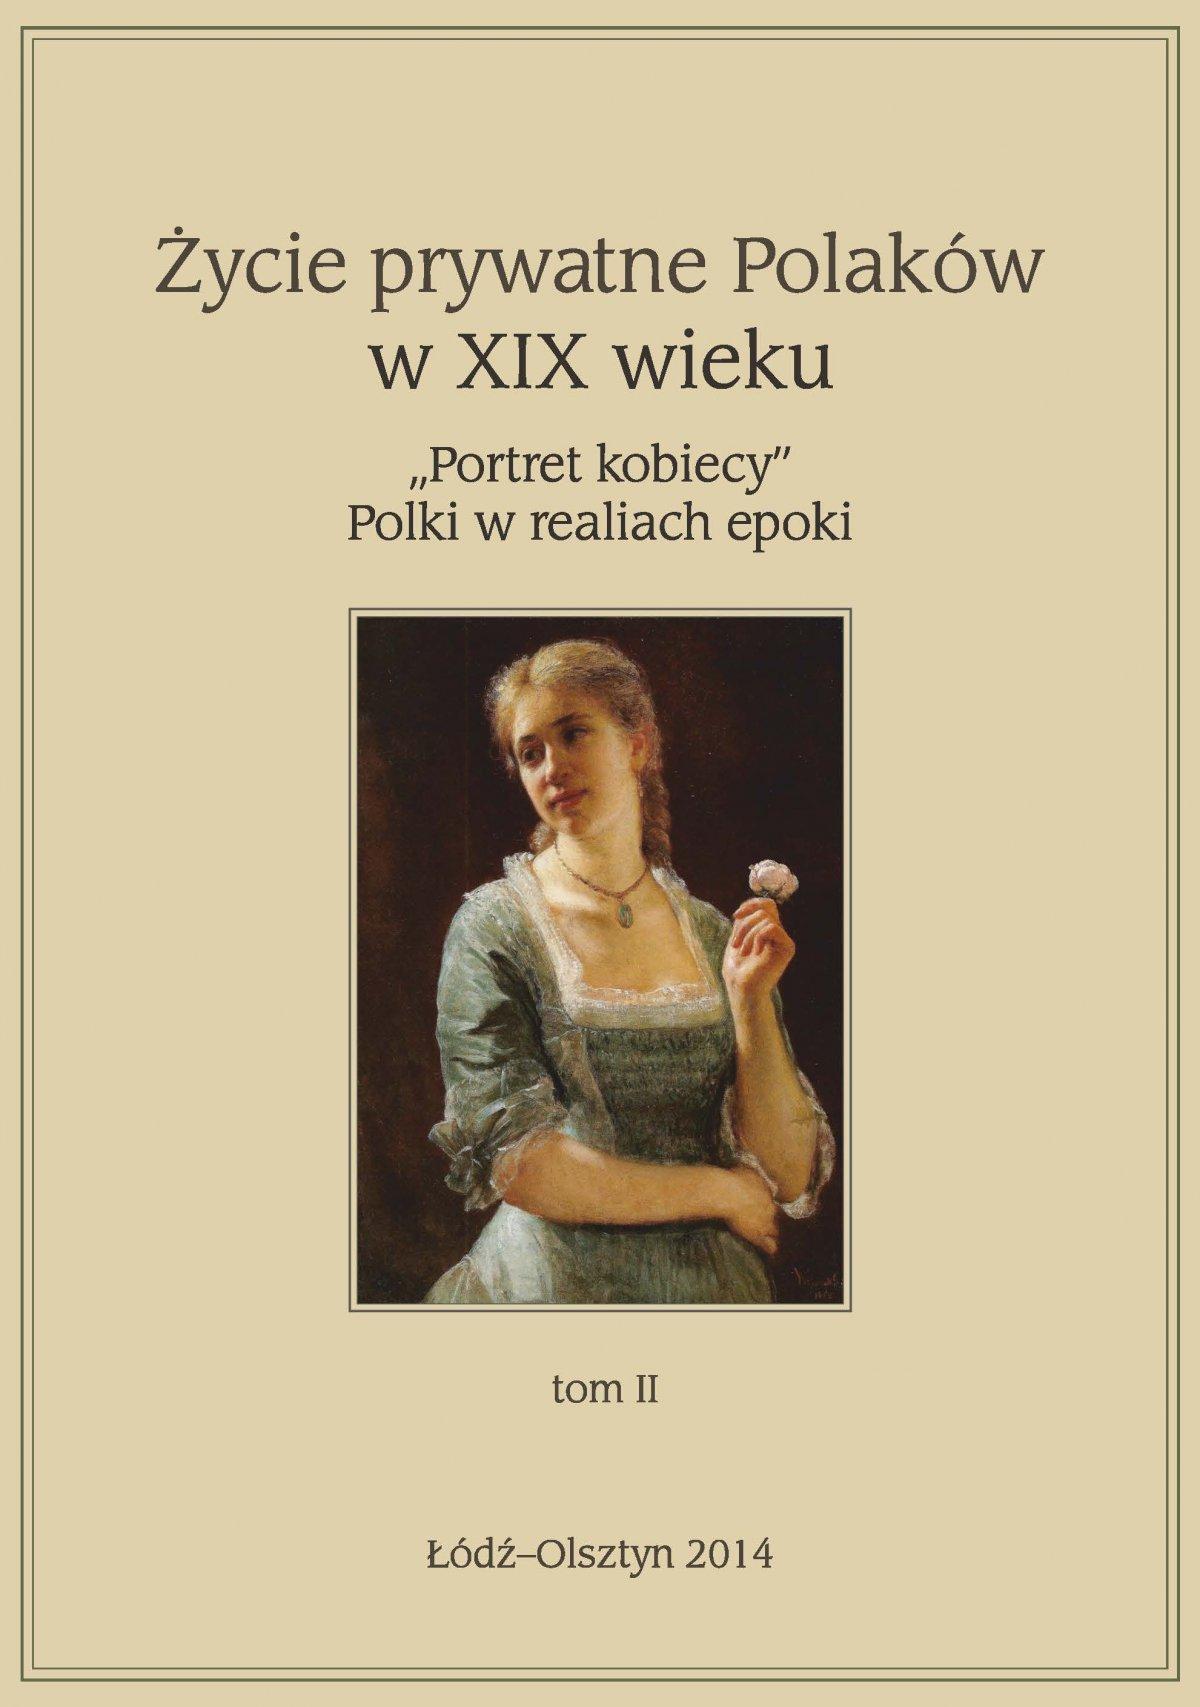 """Życie prywatne Polaków w XIX w. """"Portret kobiecy"""" Polki w realiach epoki. Tom 2 - Ebook (Książka na Kindle) do pobrania w formacie MOBI"""